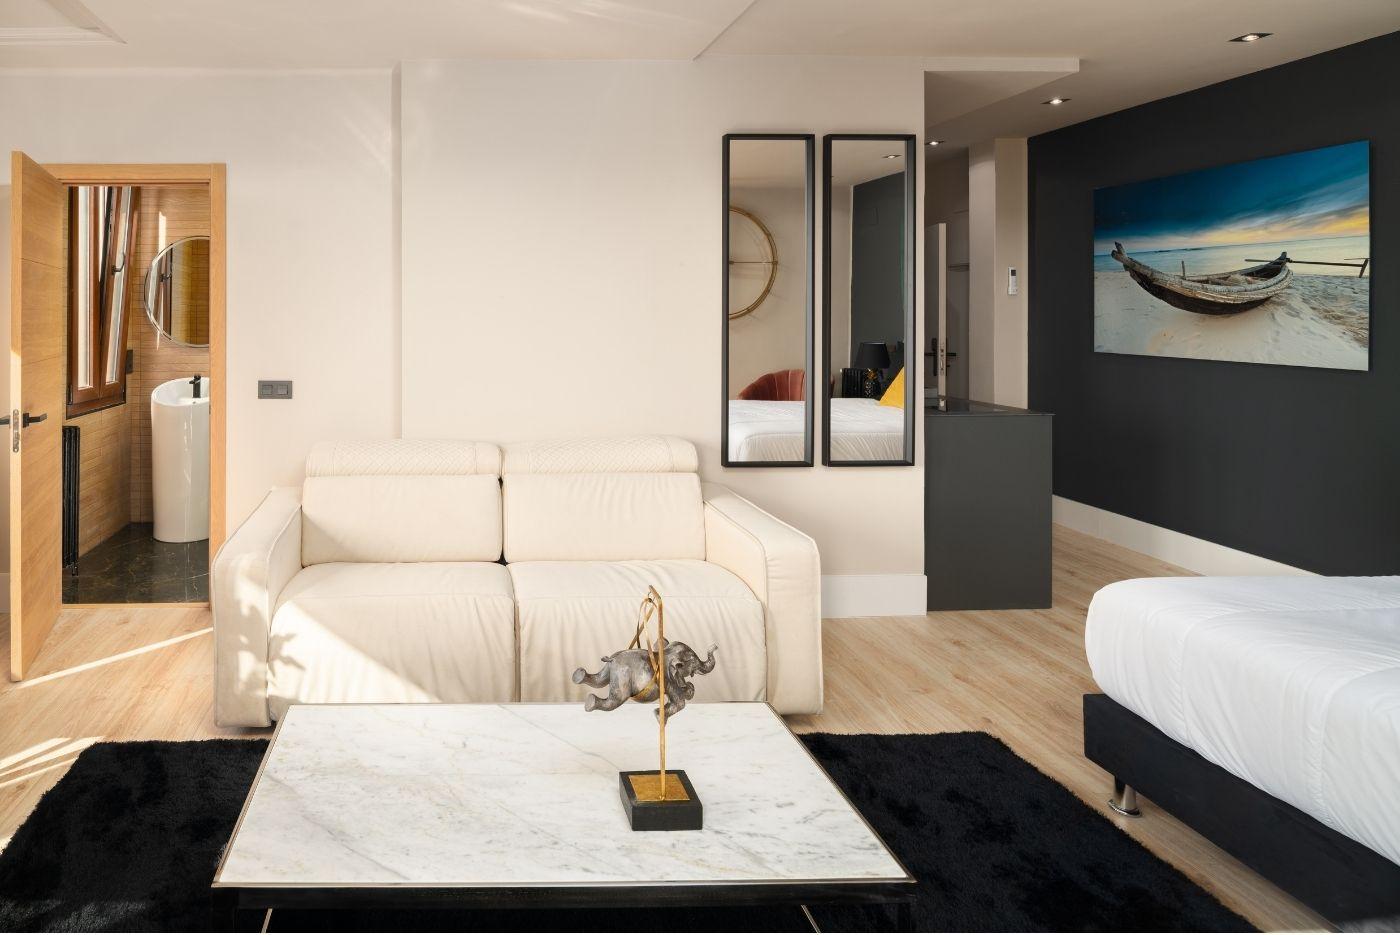 Apartamento-Suite-Atico-75-Oviedo-1907-03